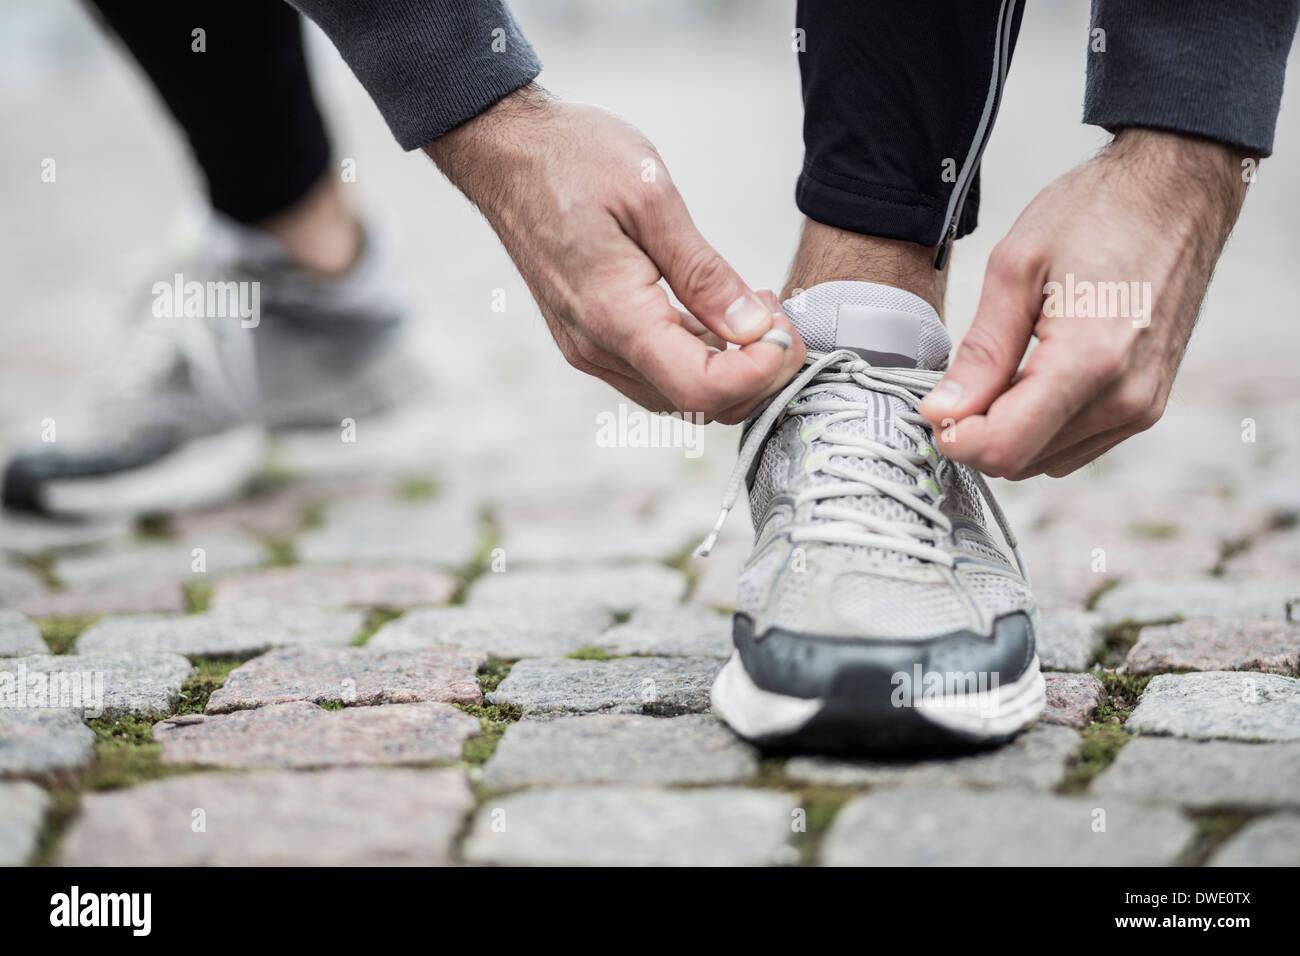 Bajo la sección del hombre encaje atado de calzado deportivo Imagen De Stock